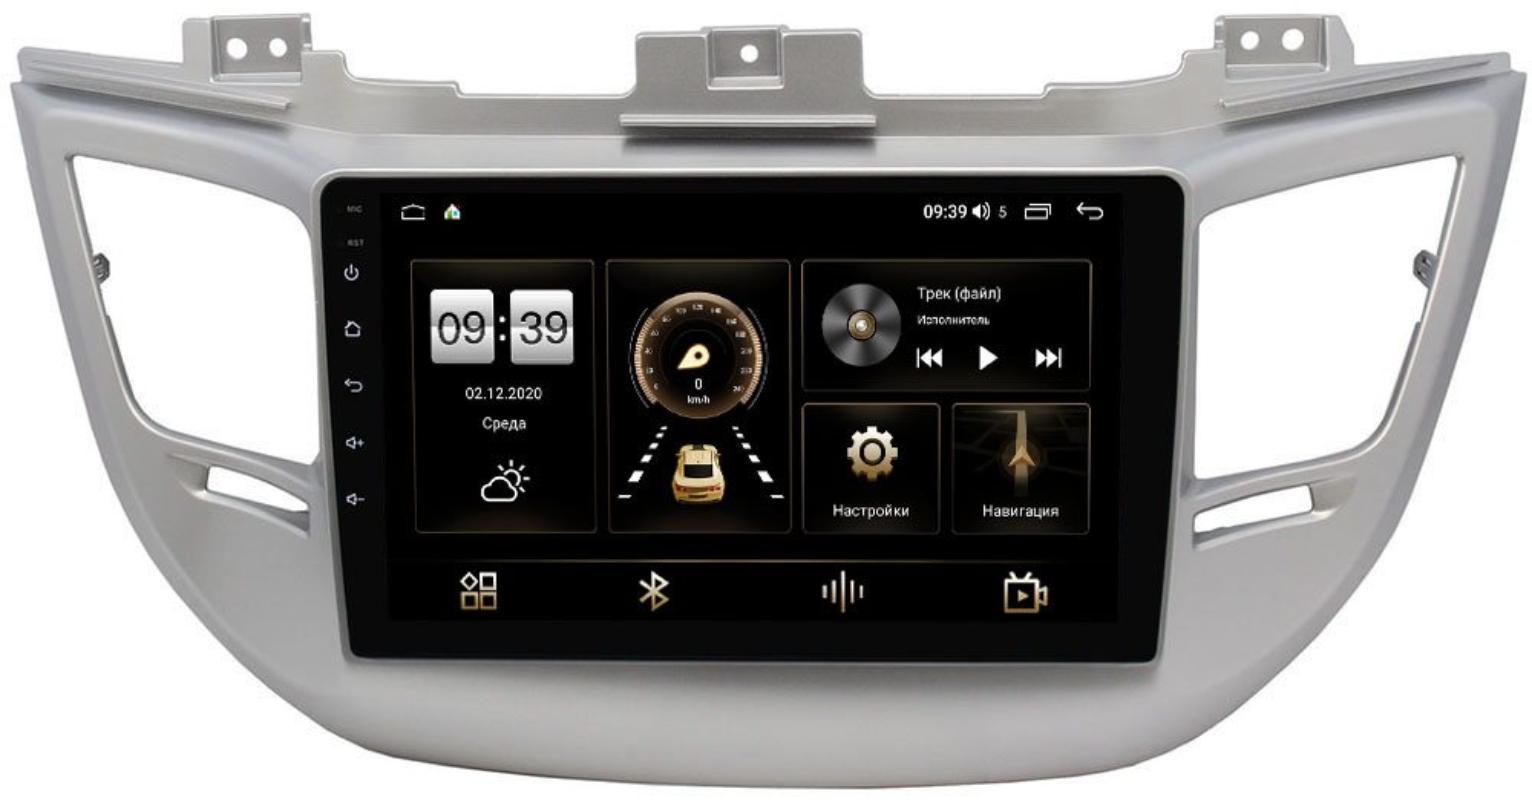 Штатная магнитола LeTrun 3792-9041 для Hyundai Tucson III 2015-2018 на Android 10 (4/64, DSP, QLed) С оптическим выходом для авто без камеры (+ Камера заднего вида в подарок!)